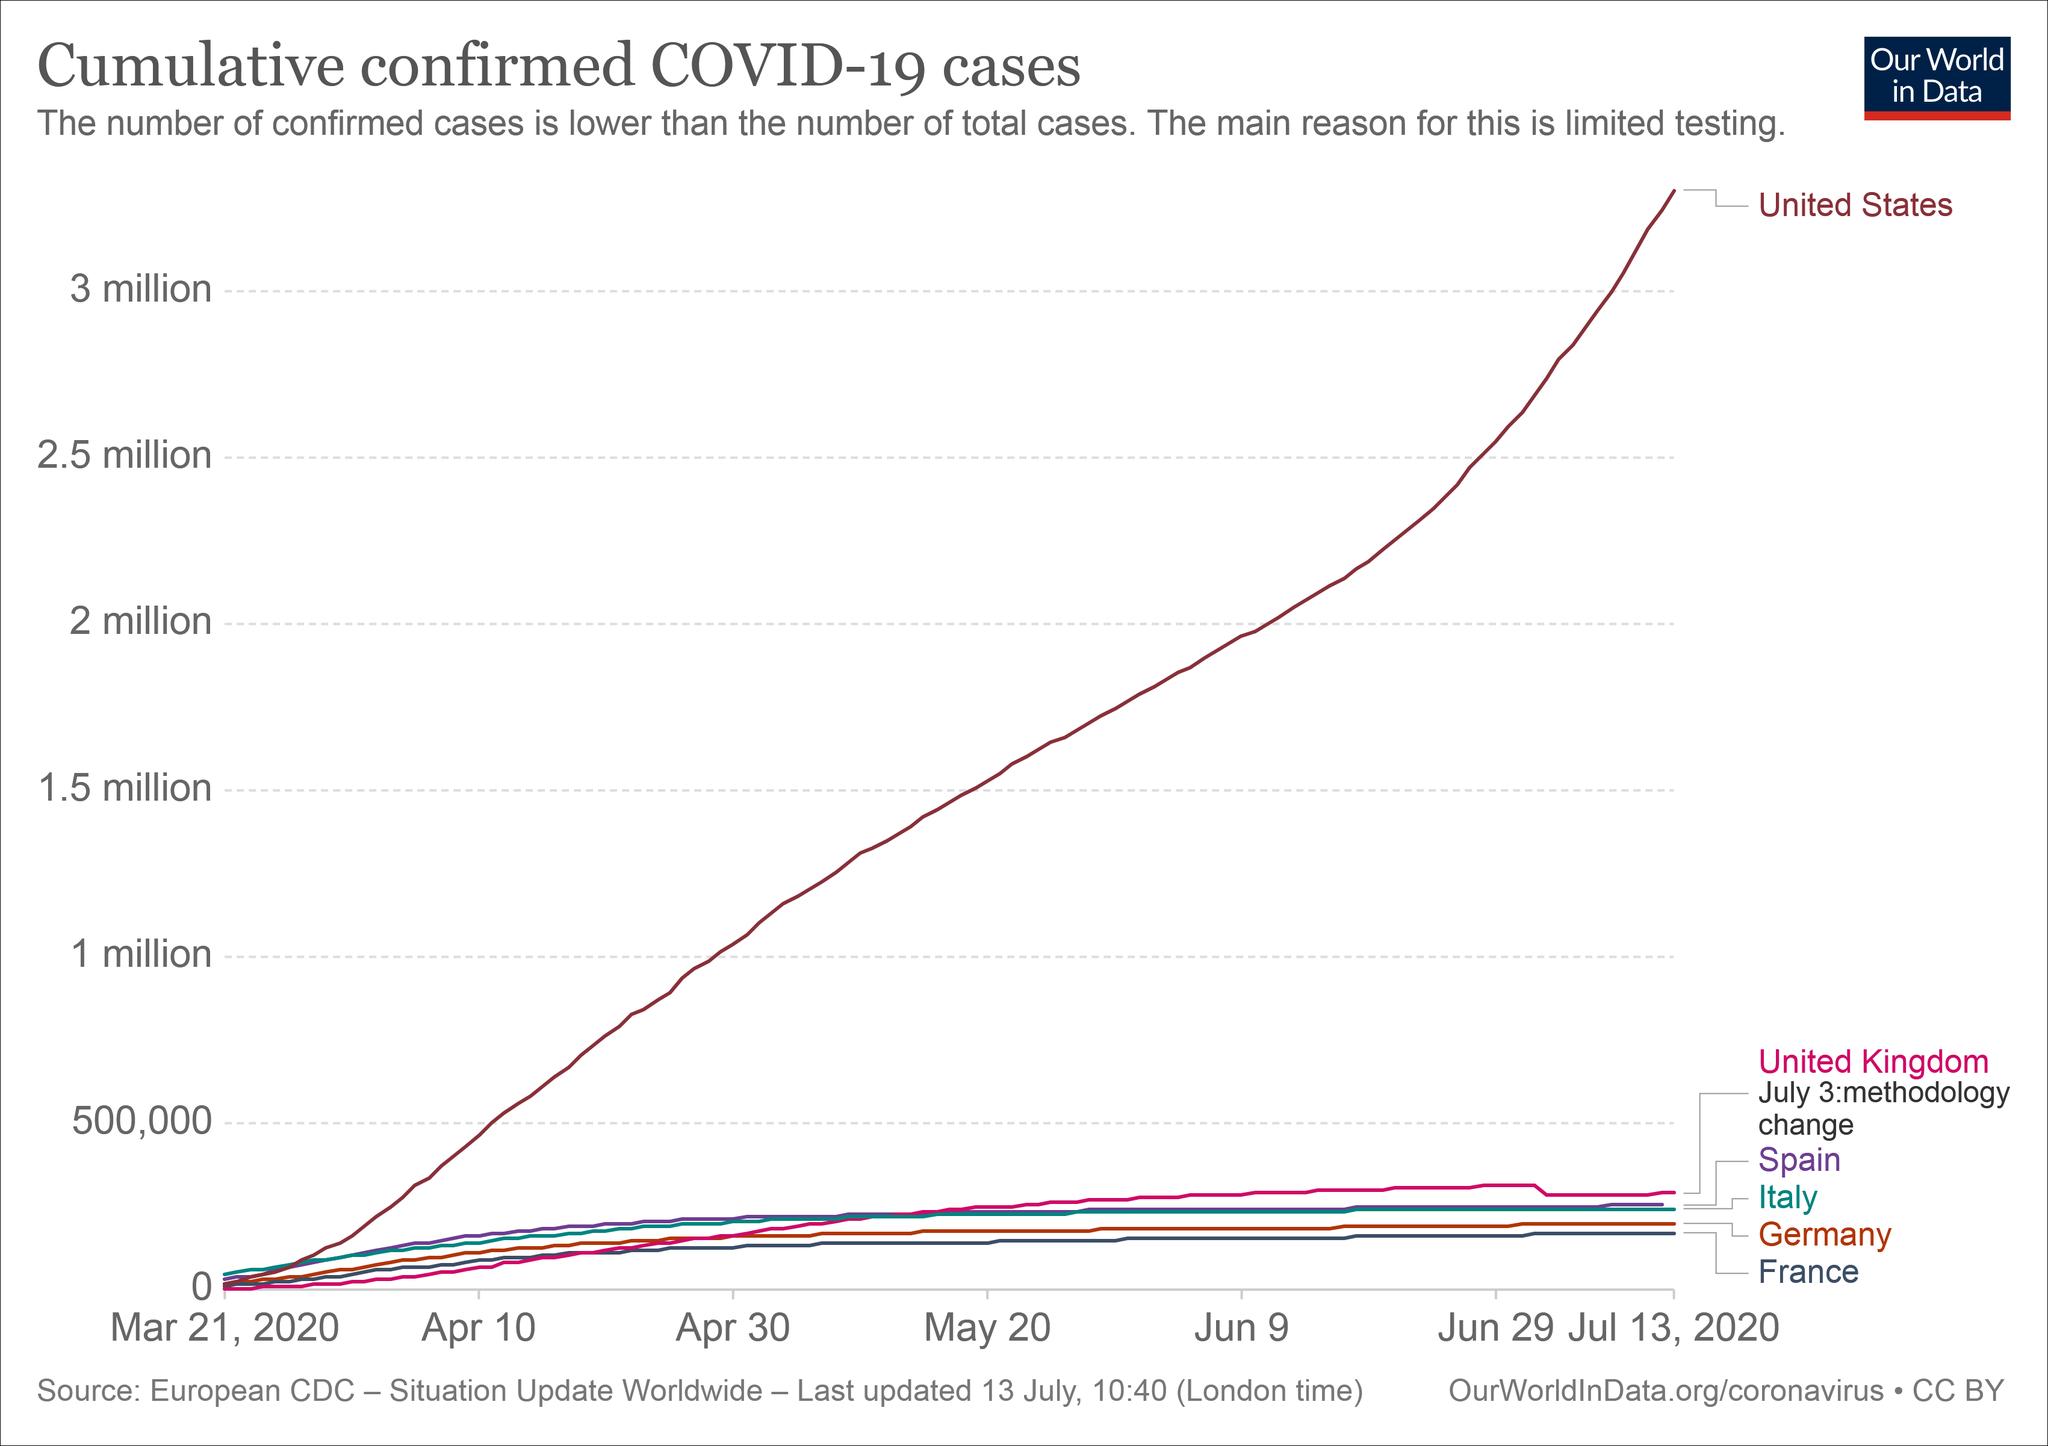 美国与片面西欧国家的累计病例转折弯线对比 图外来源:牛津大学用数据望世界网站